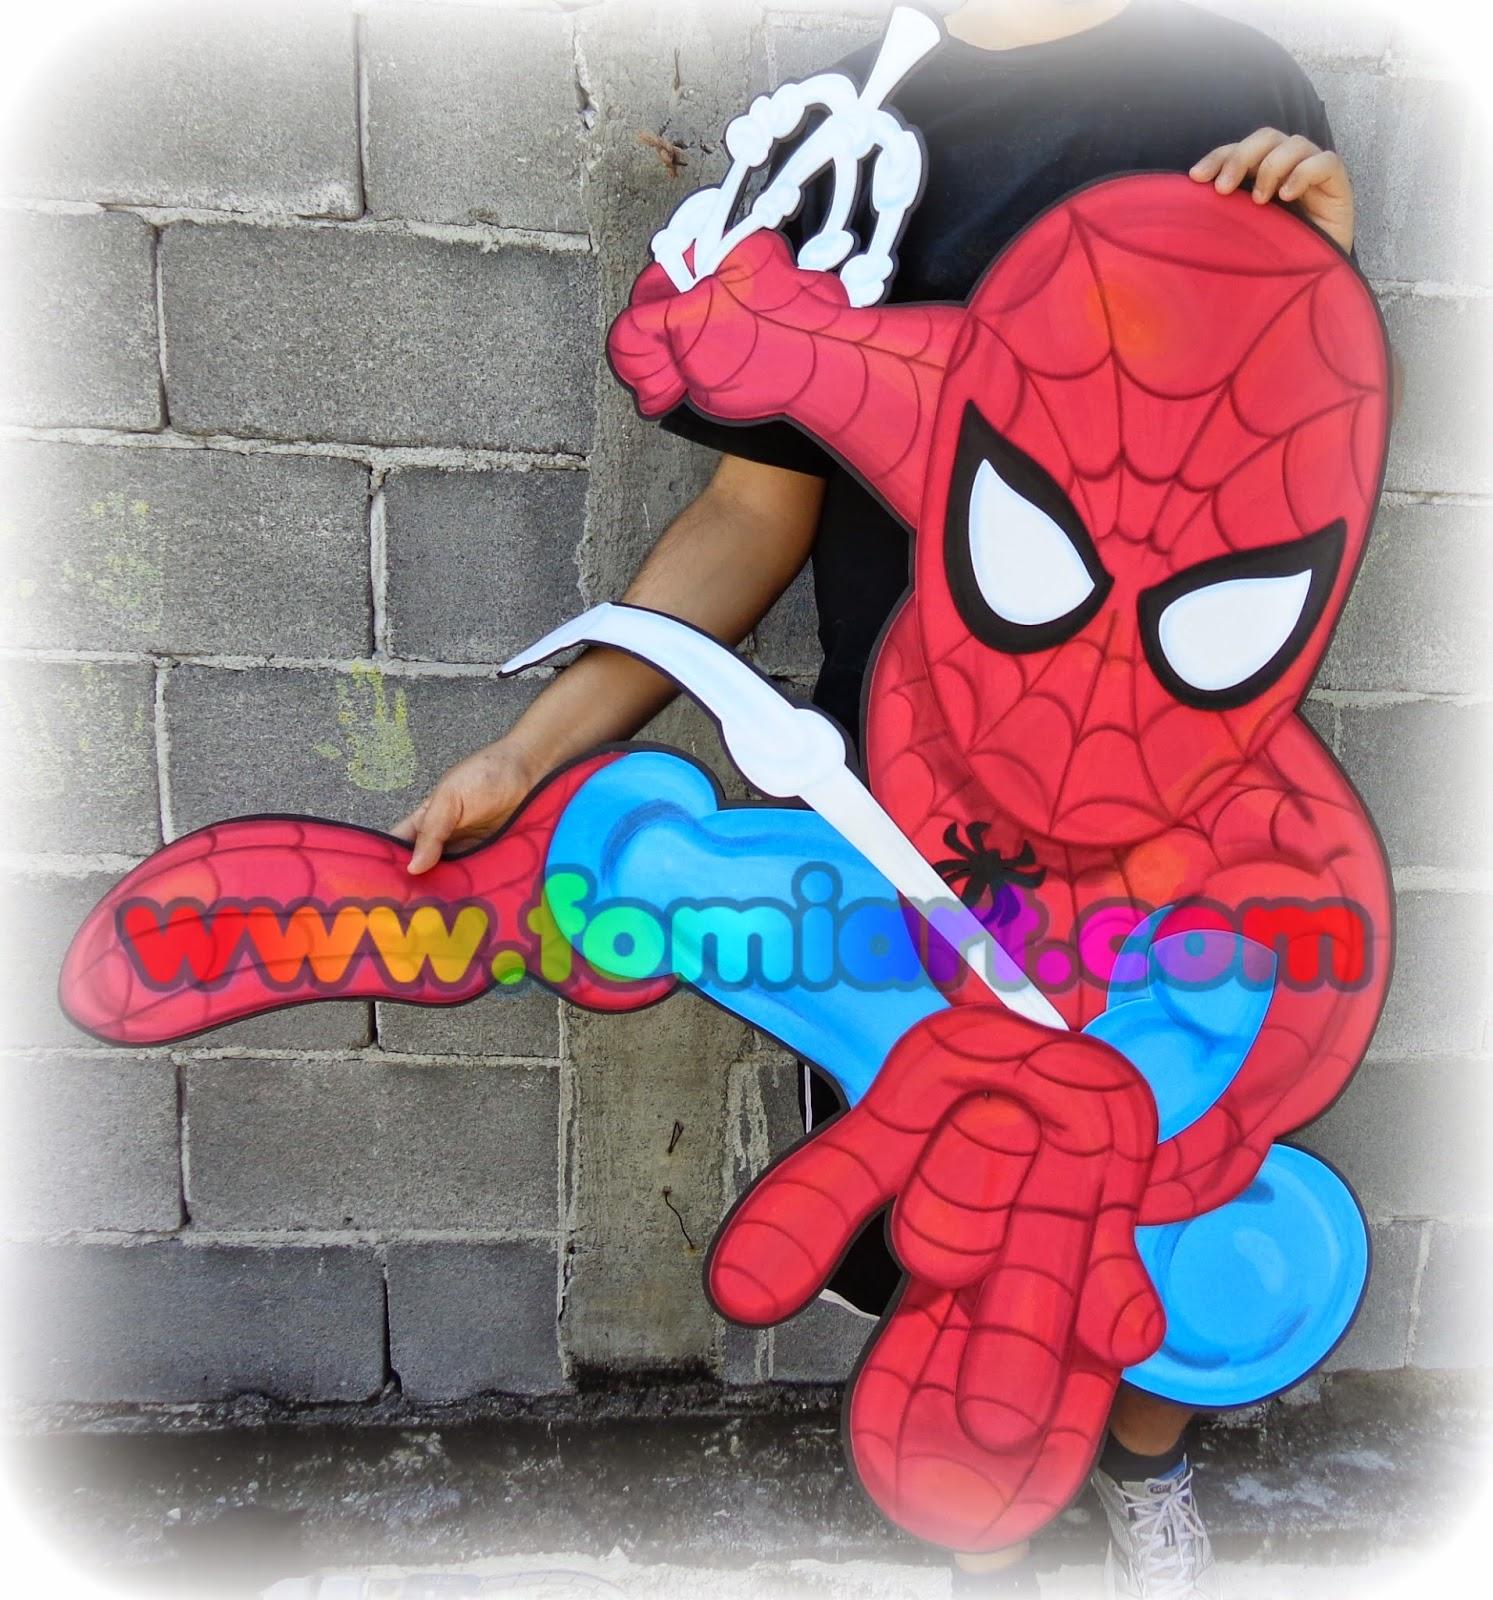 Spiderman en foami, goma eva, manualidades